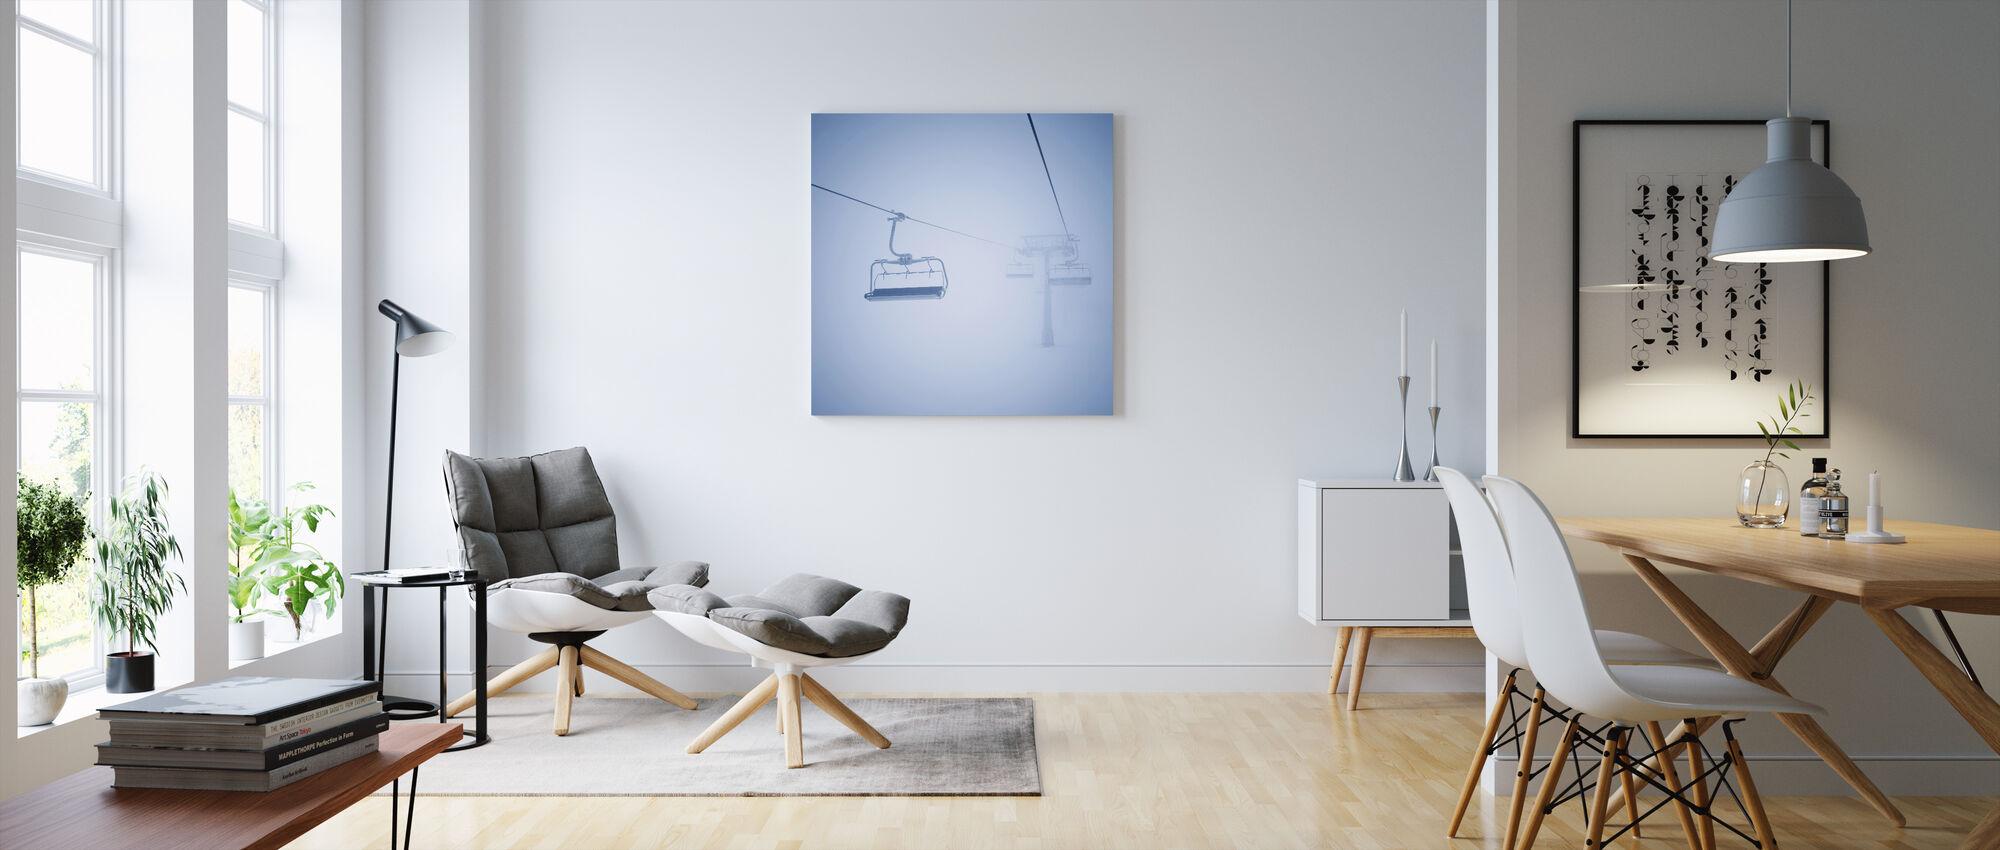 Skilifte - Leinwandbild - Wohnzimmer